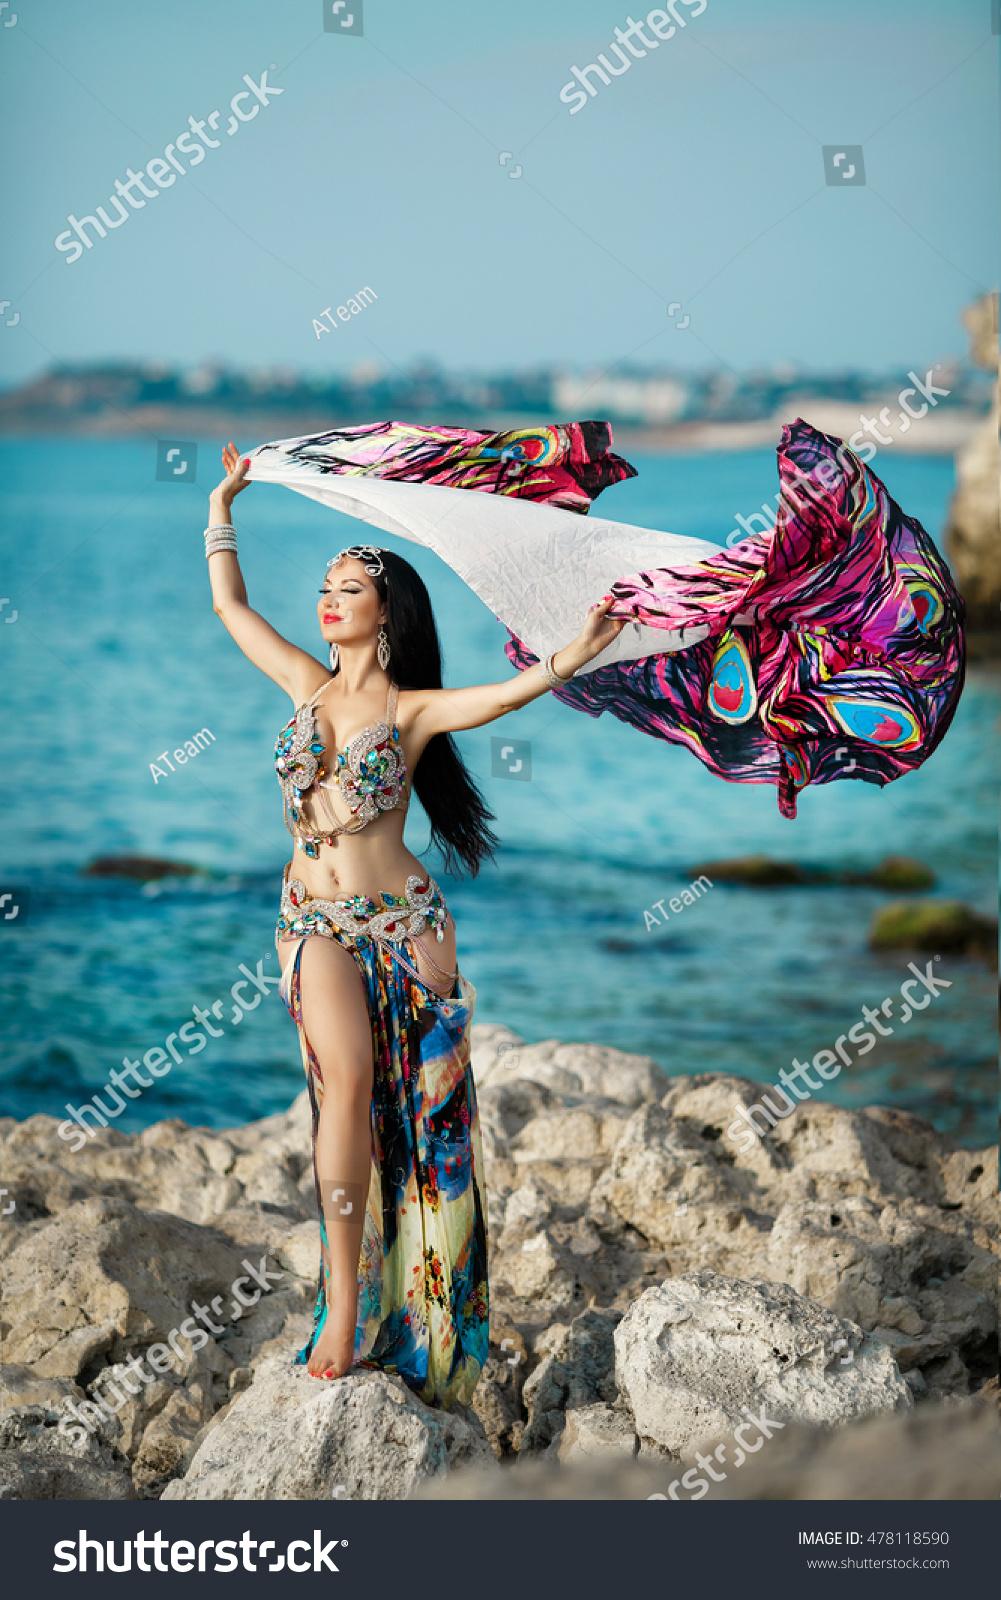 Arab sexy girl in bikini not absolutely